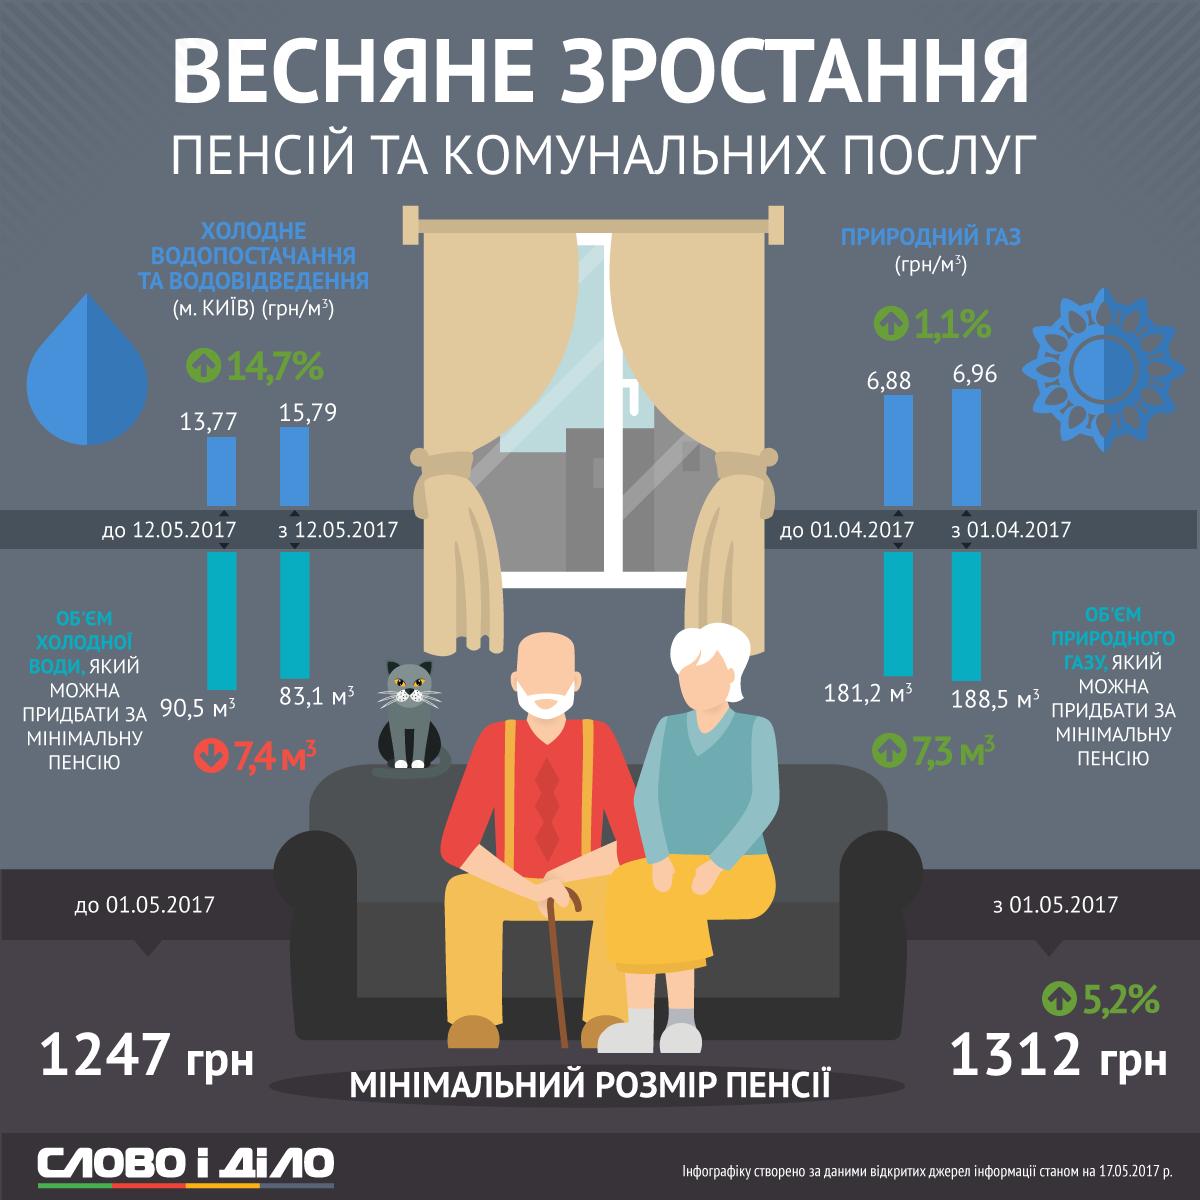 Изменение в начислениях пенсии